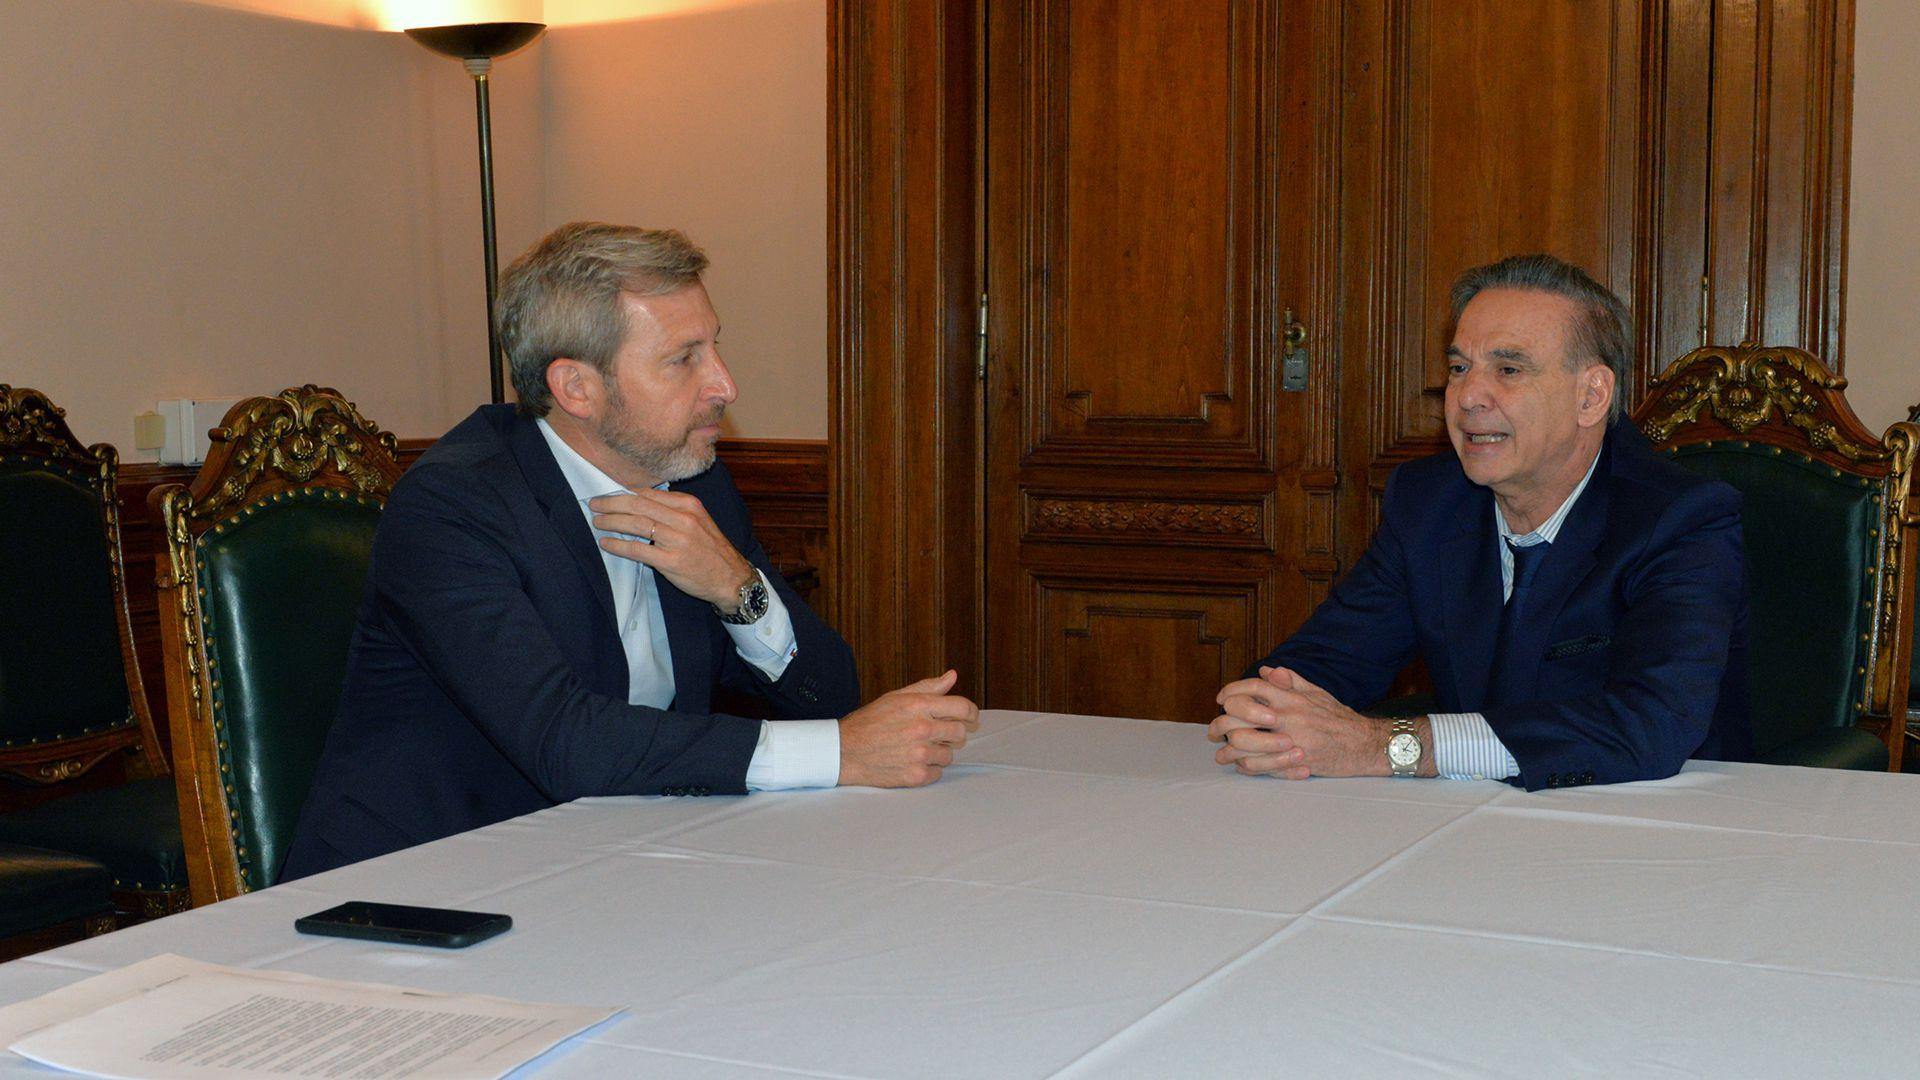 Rogelio Frigerio y Miguel Ángel Pichetto son dos de los referentes políticos que firmaron el comunicado